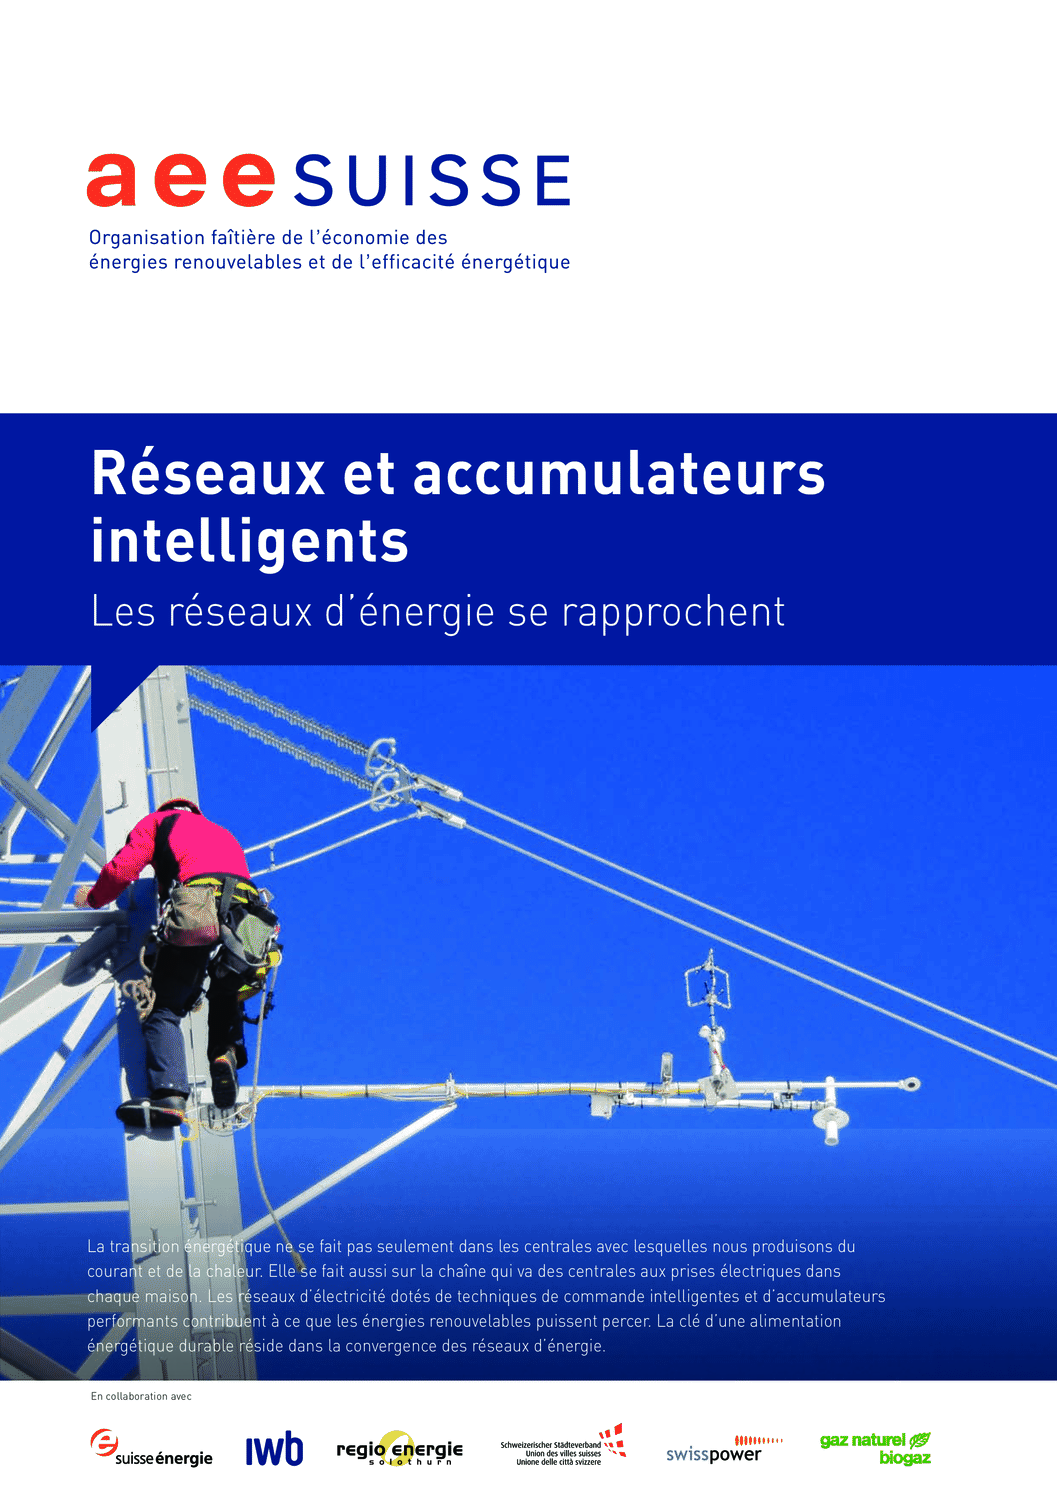 aee suisse Brochure Réseaux